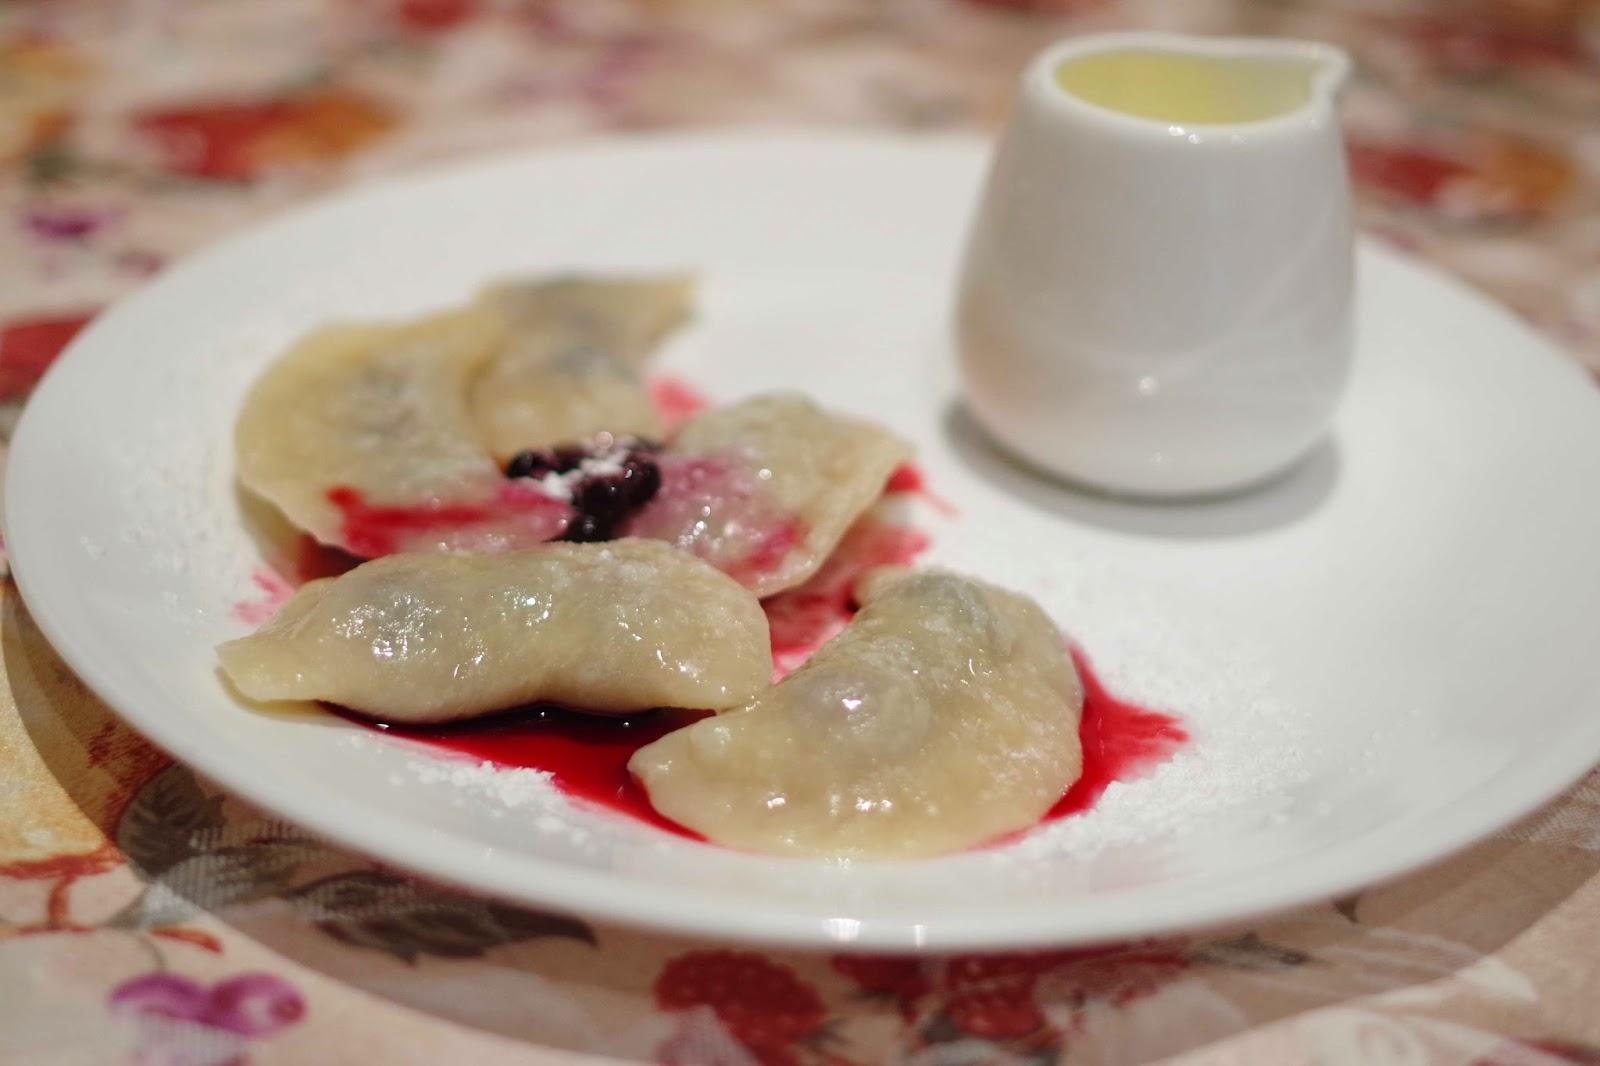 Knedle (Fruit filled dumpling)